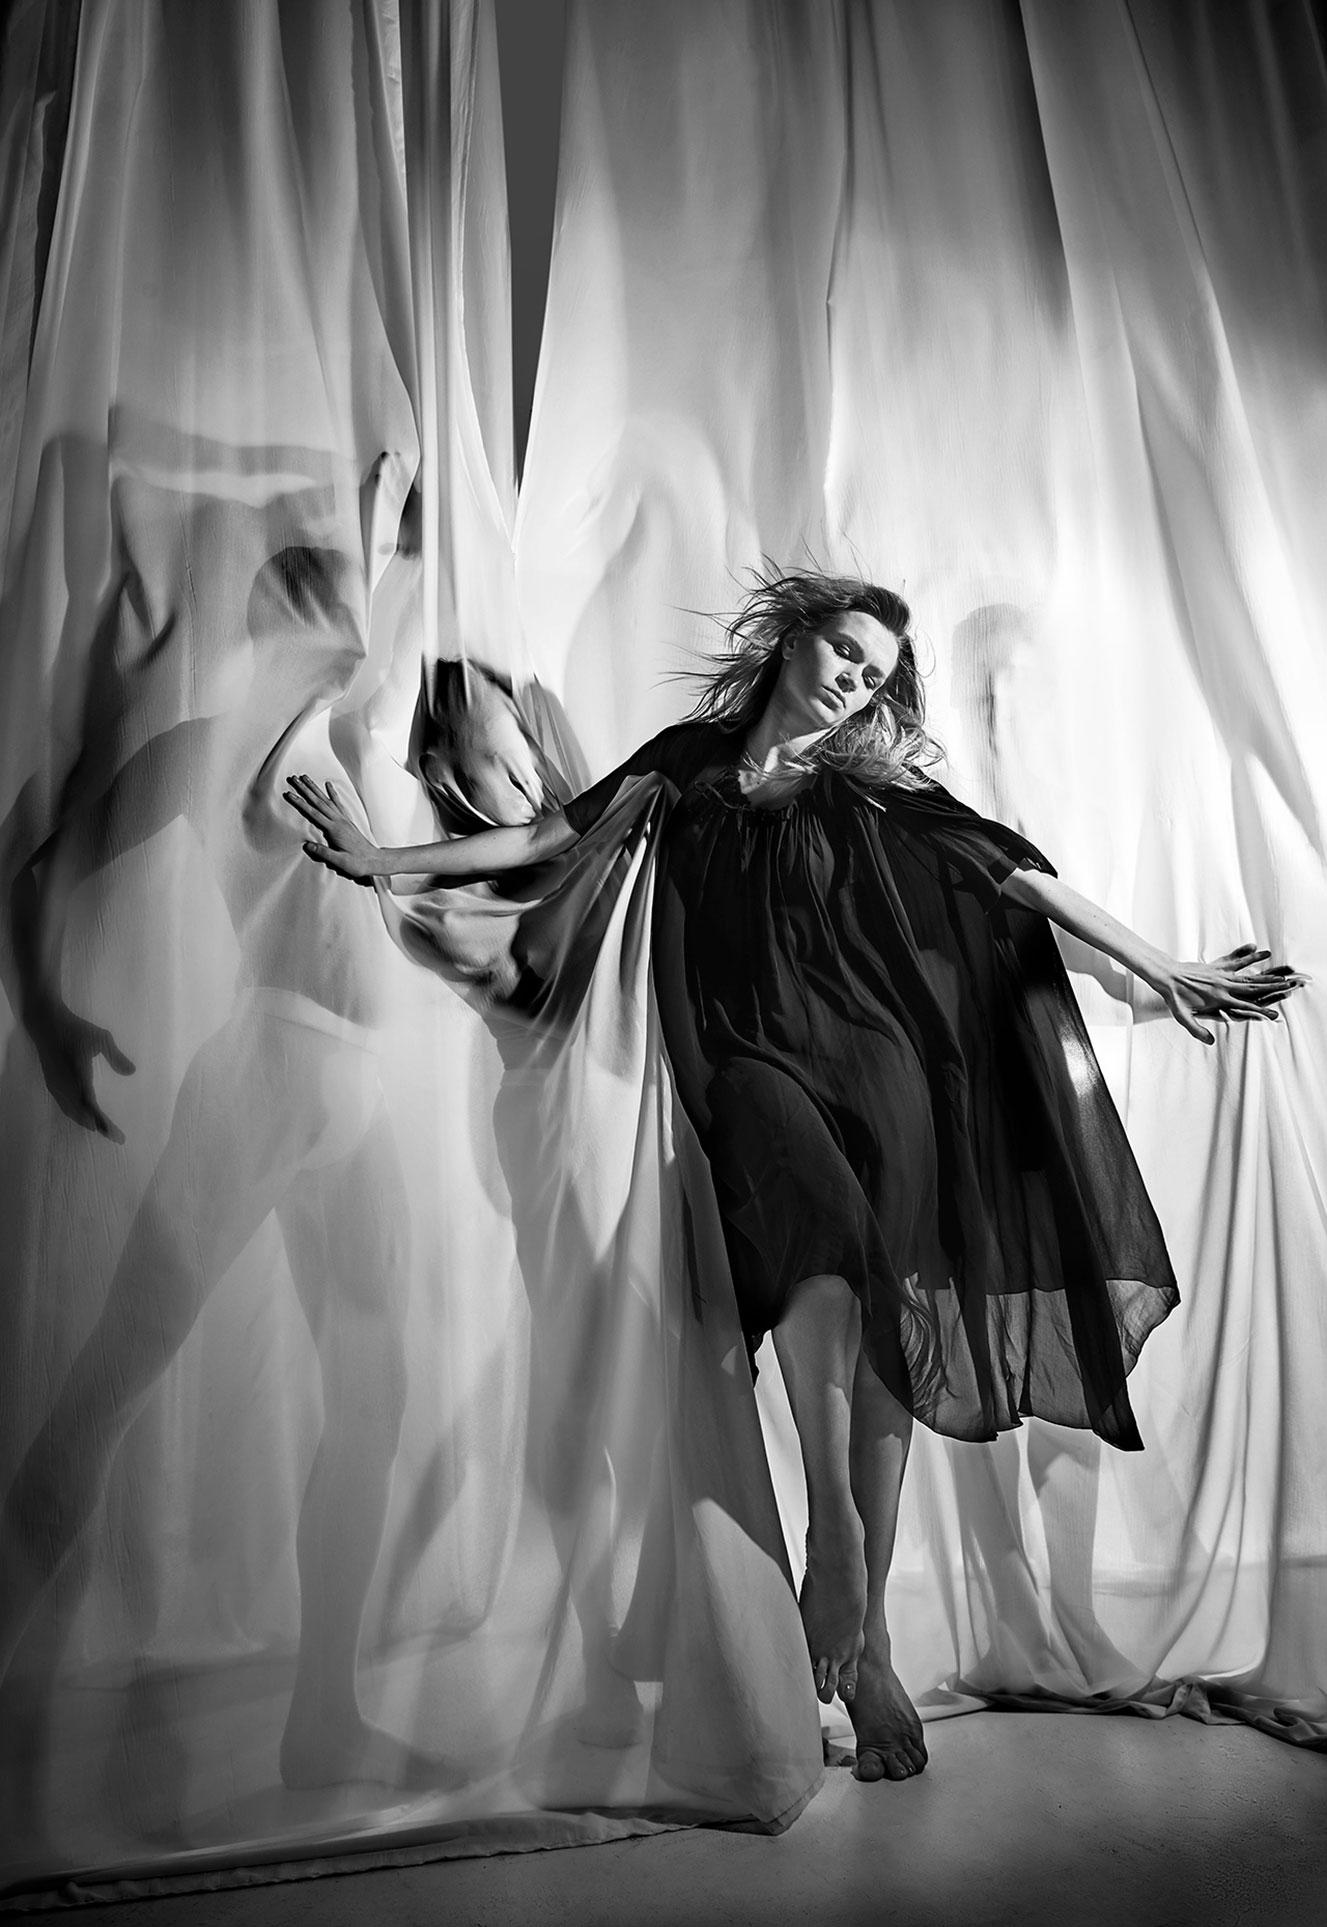 Анастасия Шевченко, прима-балерина Национальной Оперы Украины / фото 03